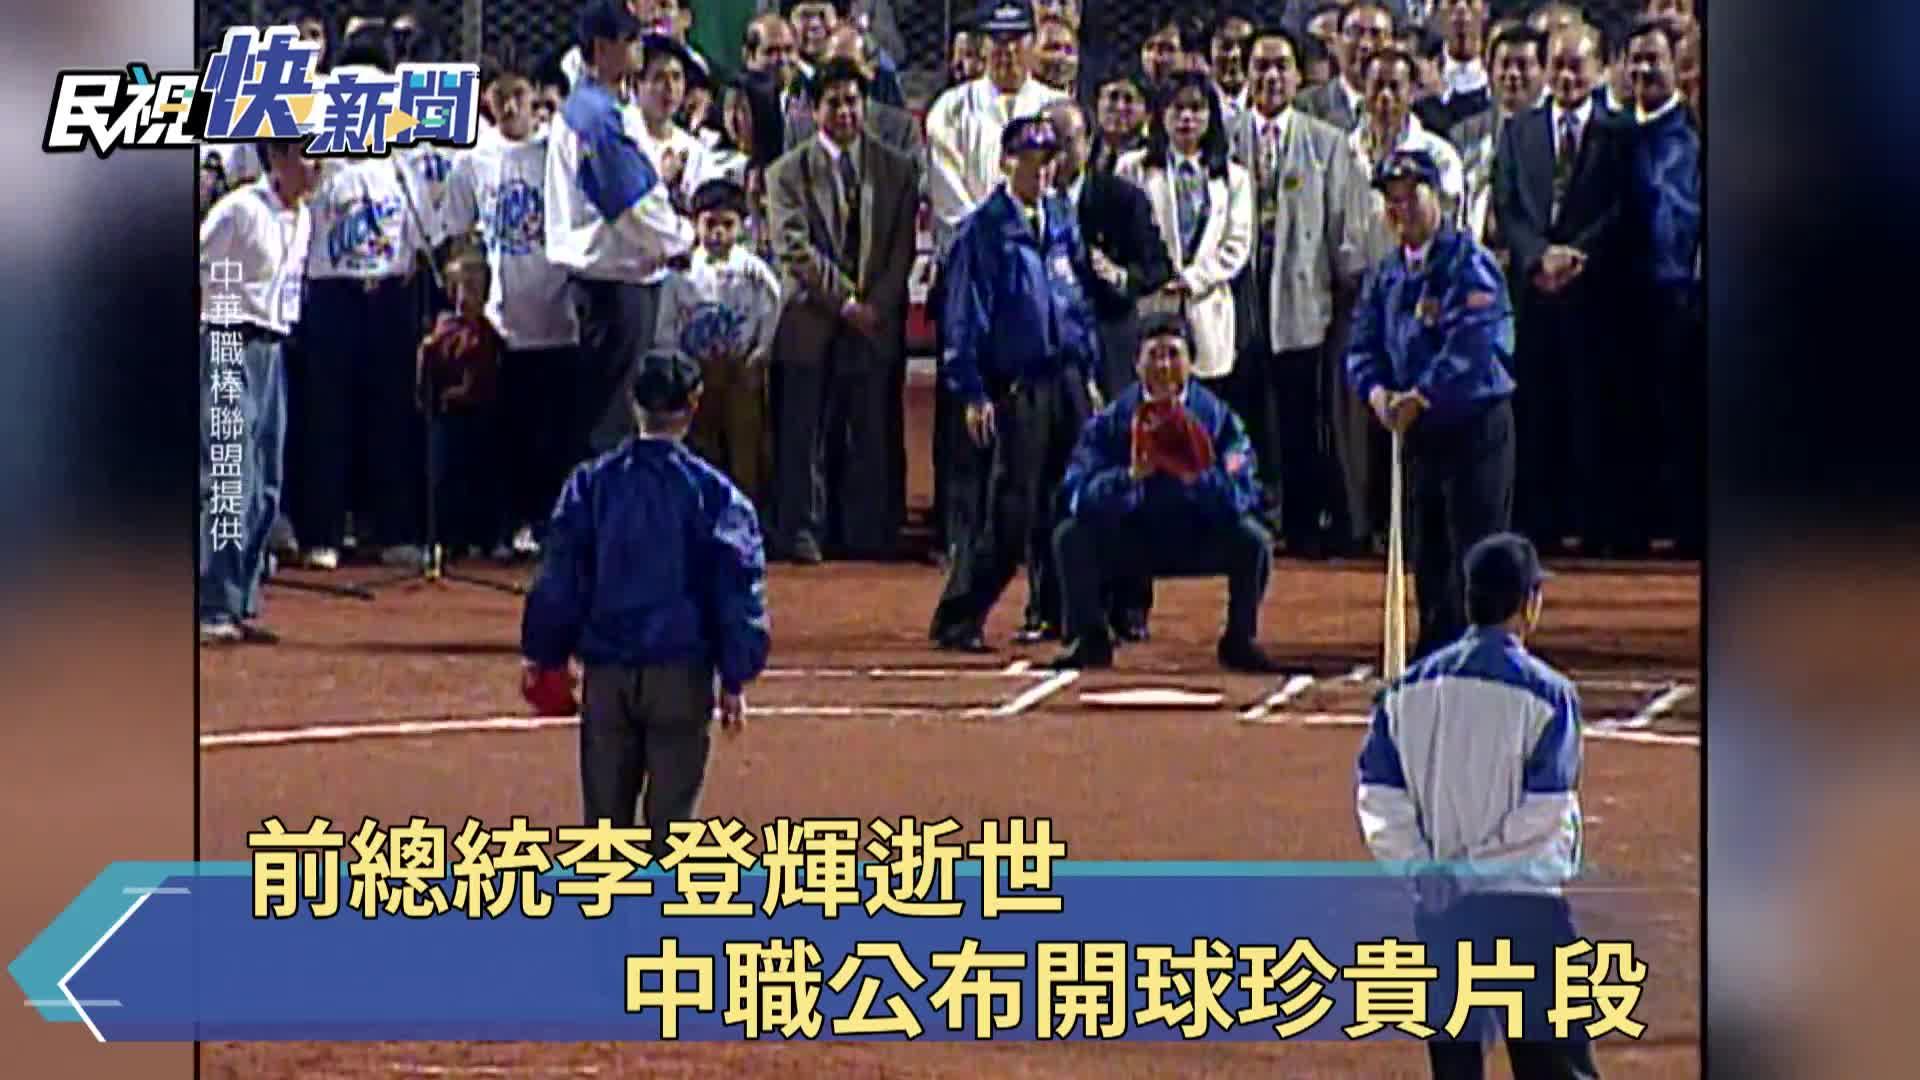 李登輝重視中職 為賽事開球畫面曝光